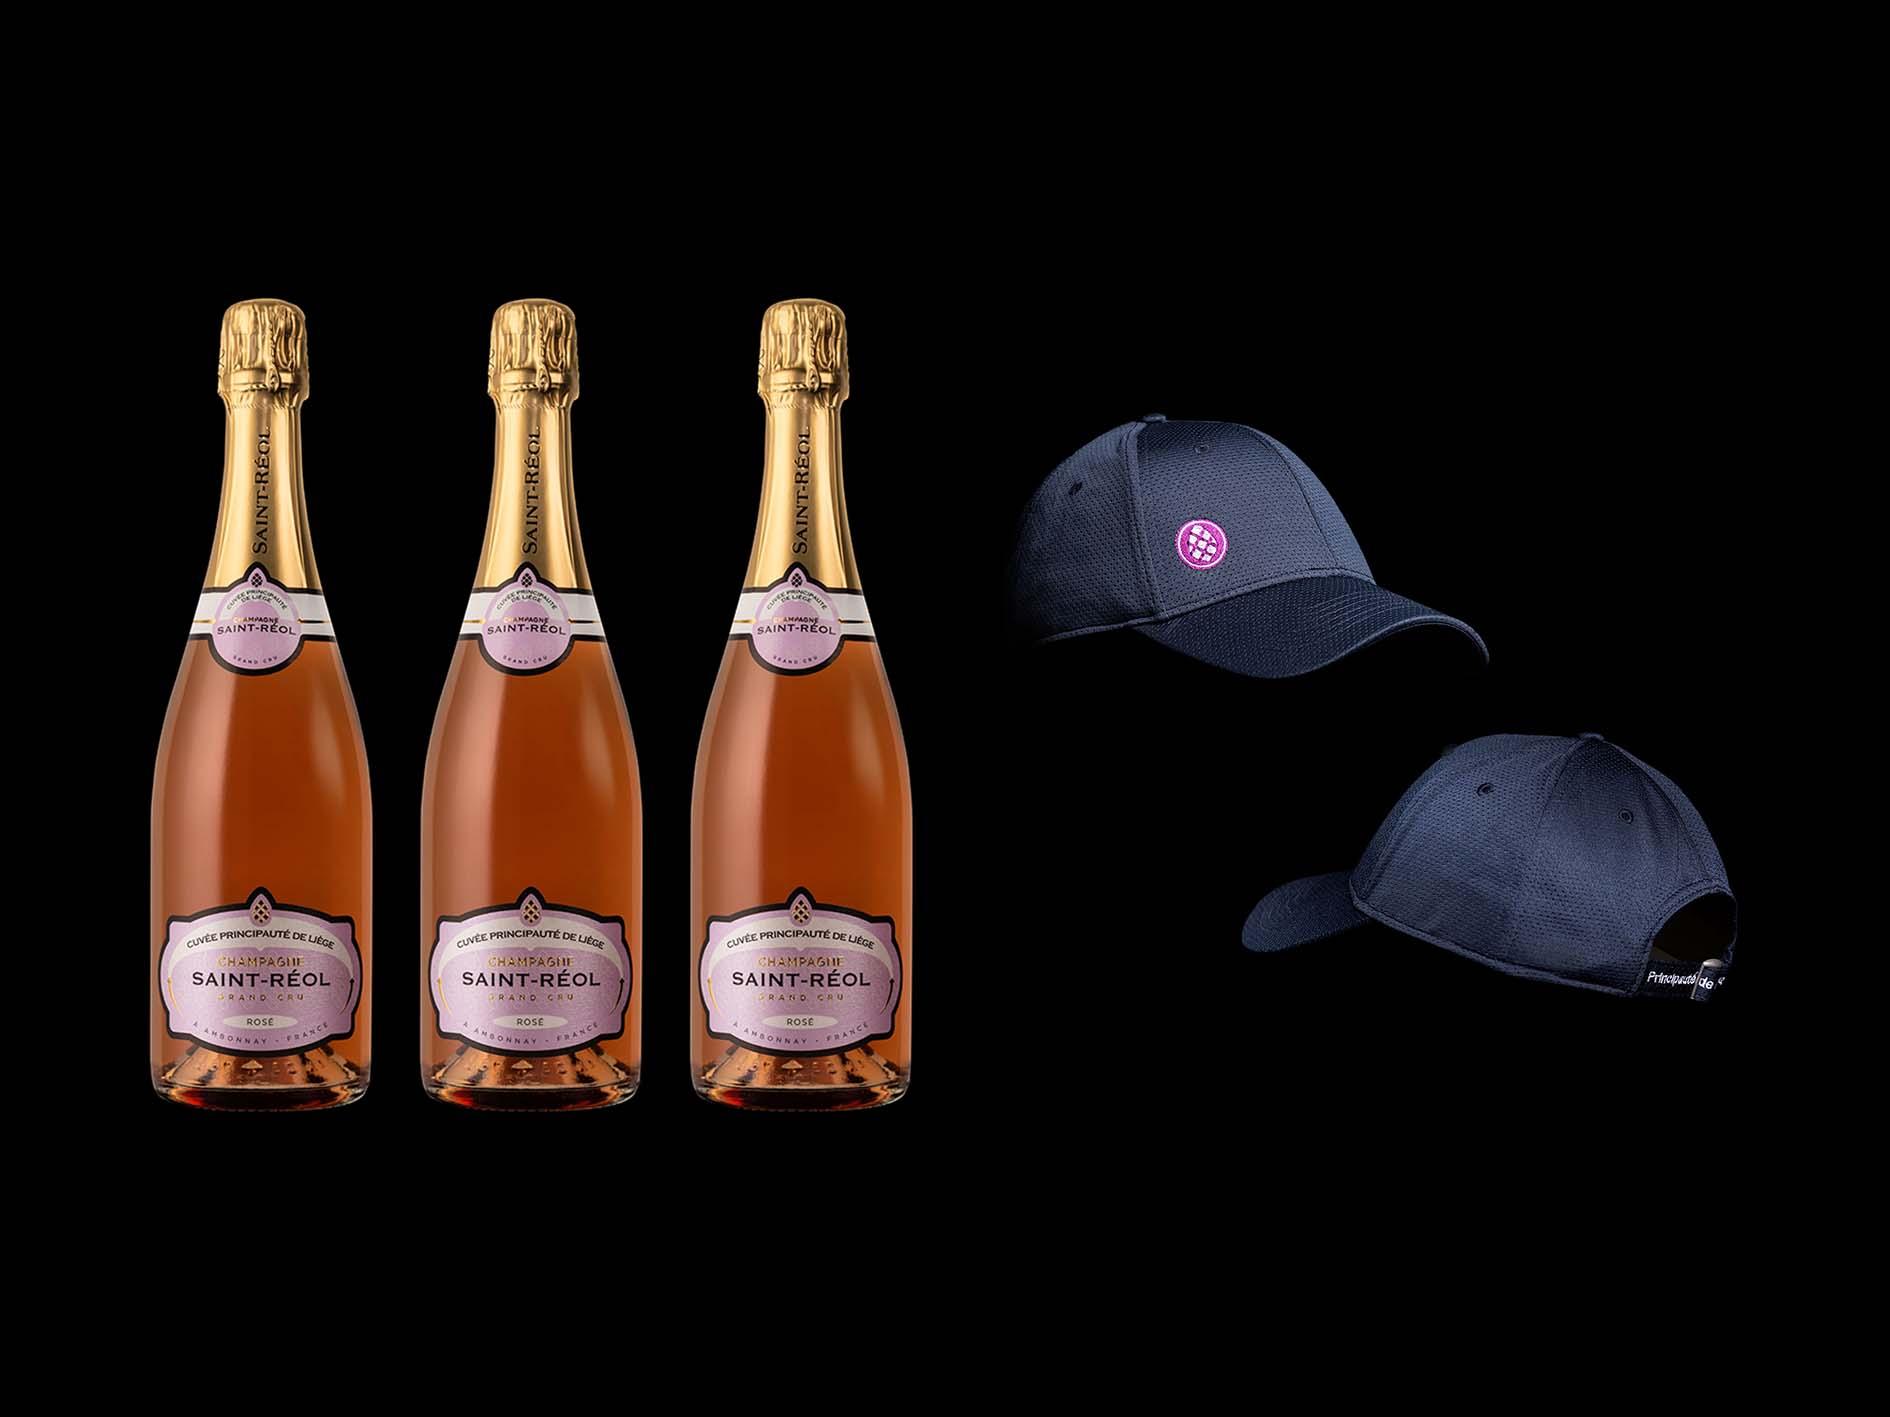 Promo de l'été - Rosé Grand Cru - 3 bouteilles + 1 casquette offerte